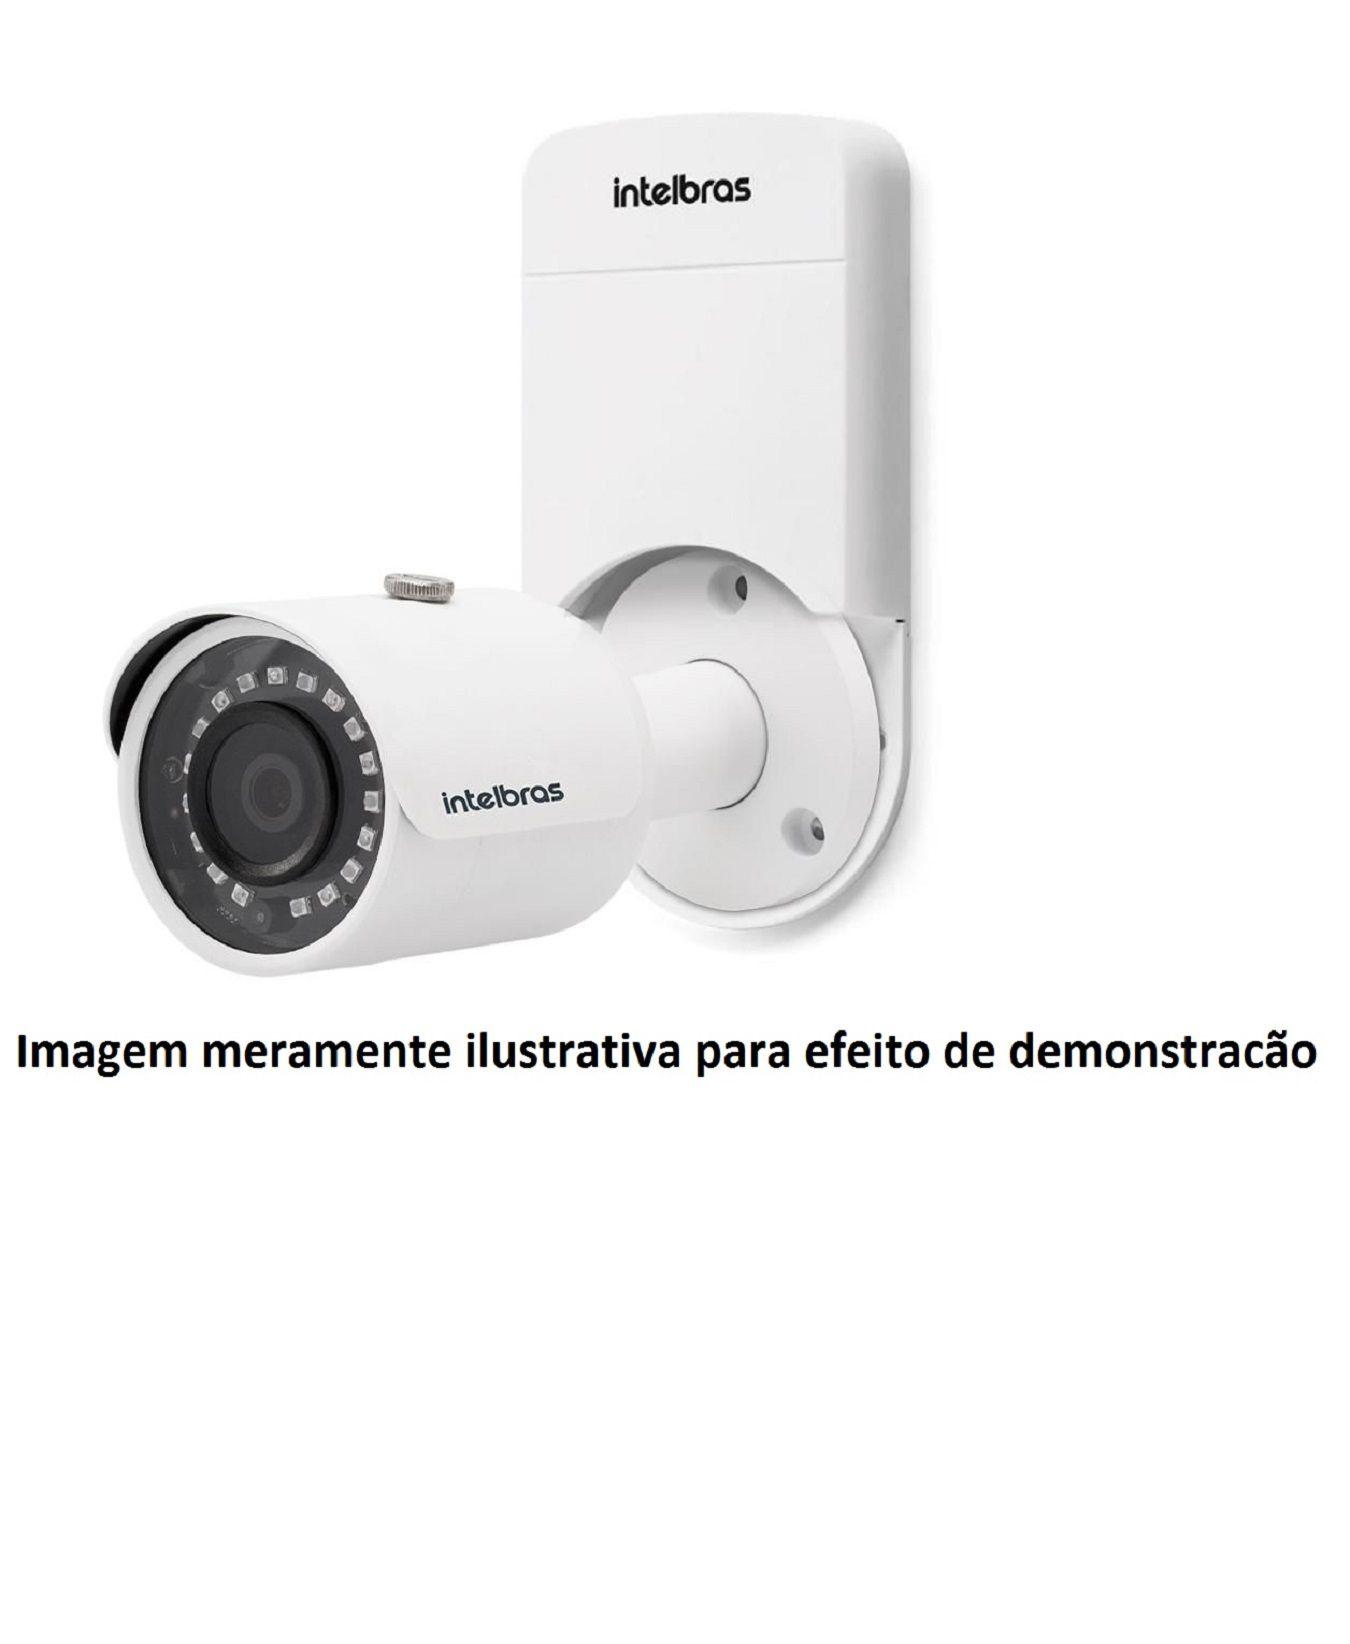 Caixa plastica P/ Sustentação de câmeras Vbox 1000